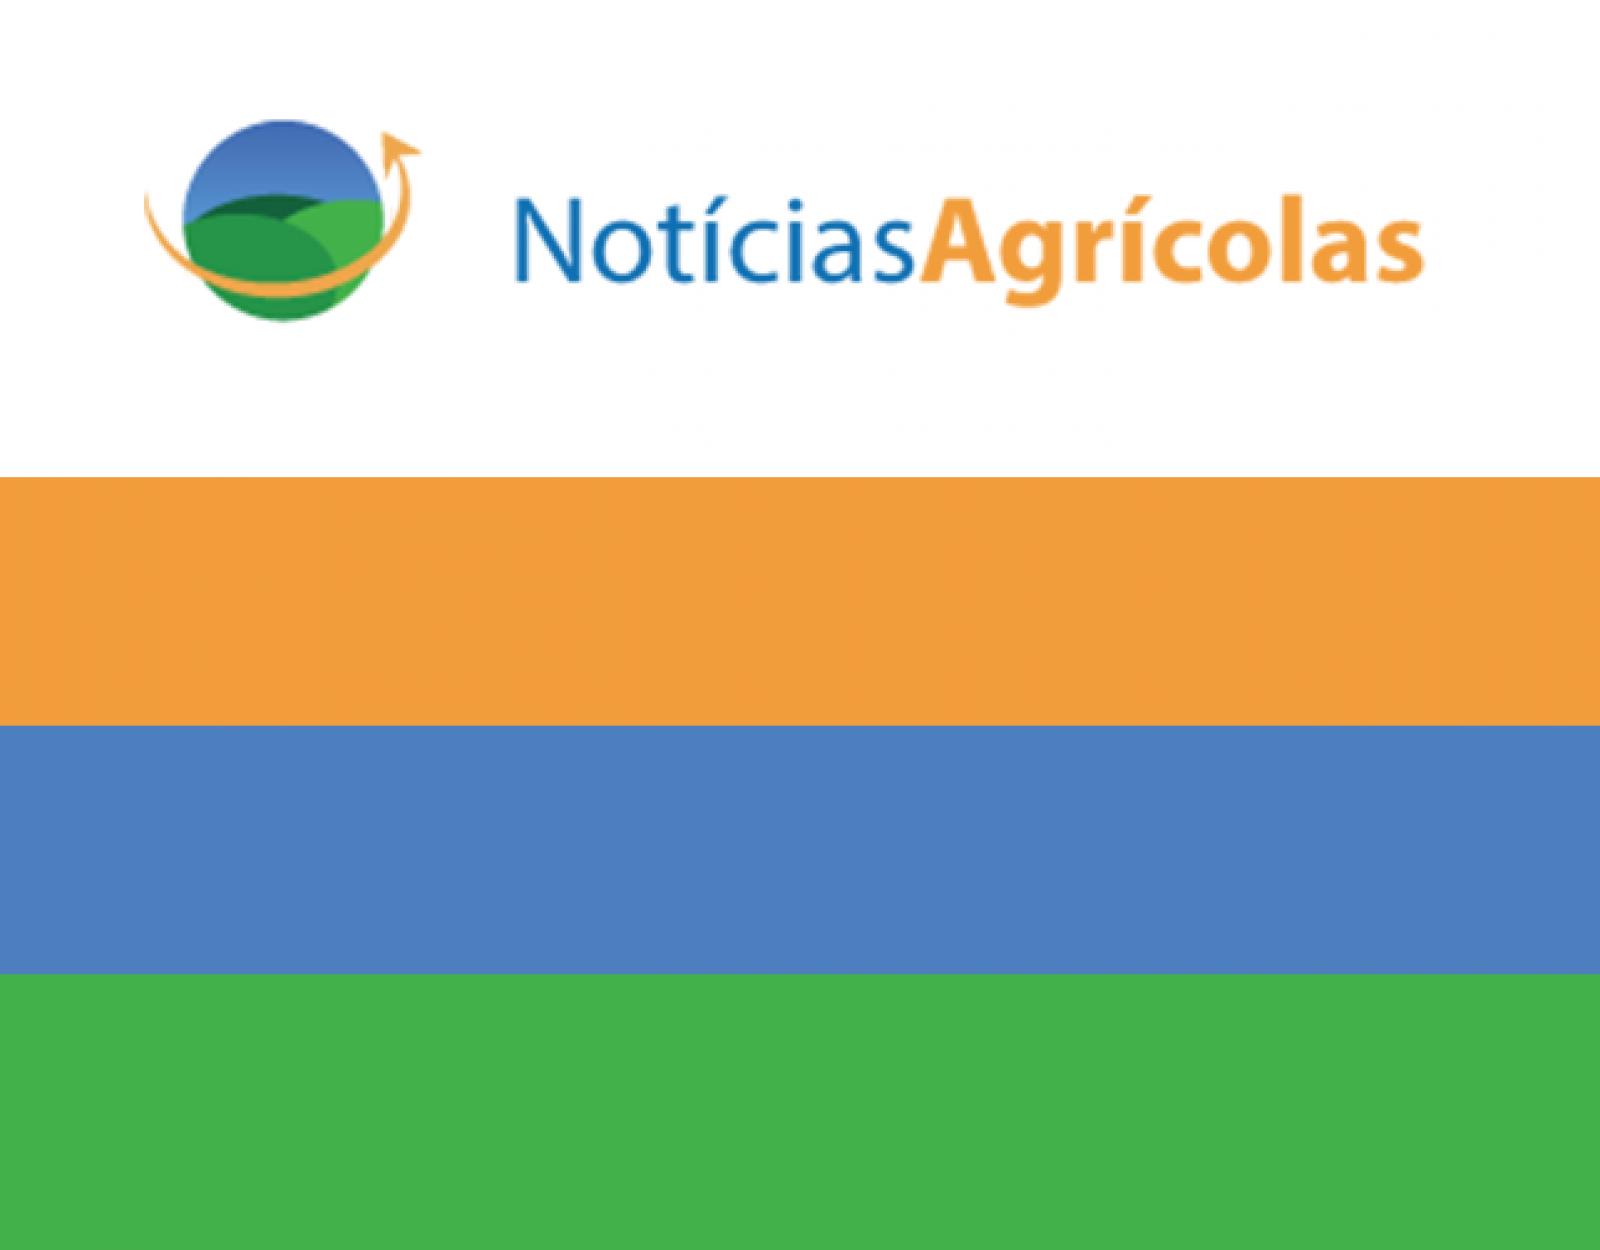 soagro - Notícias Agrícolas